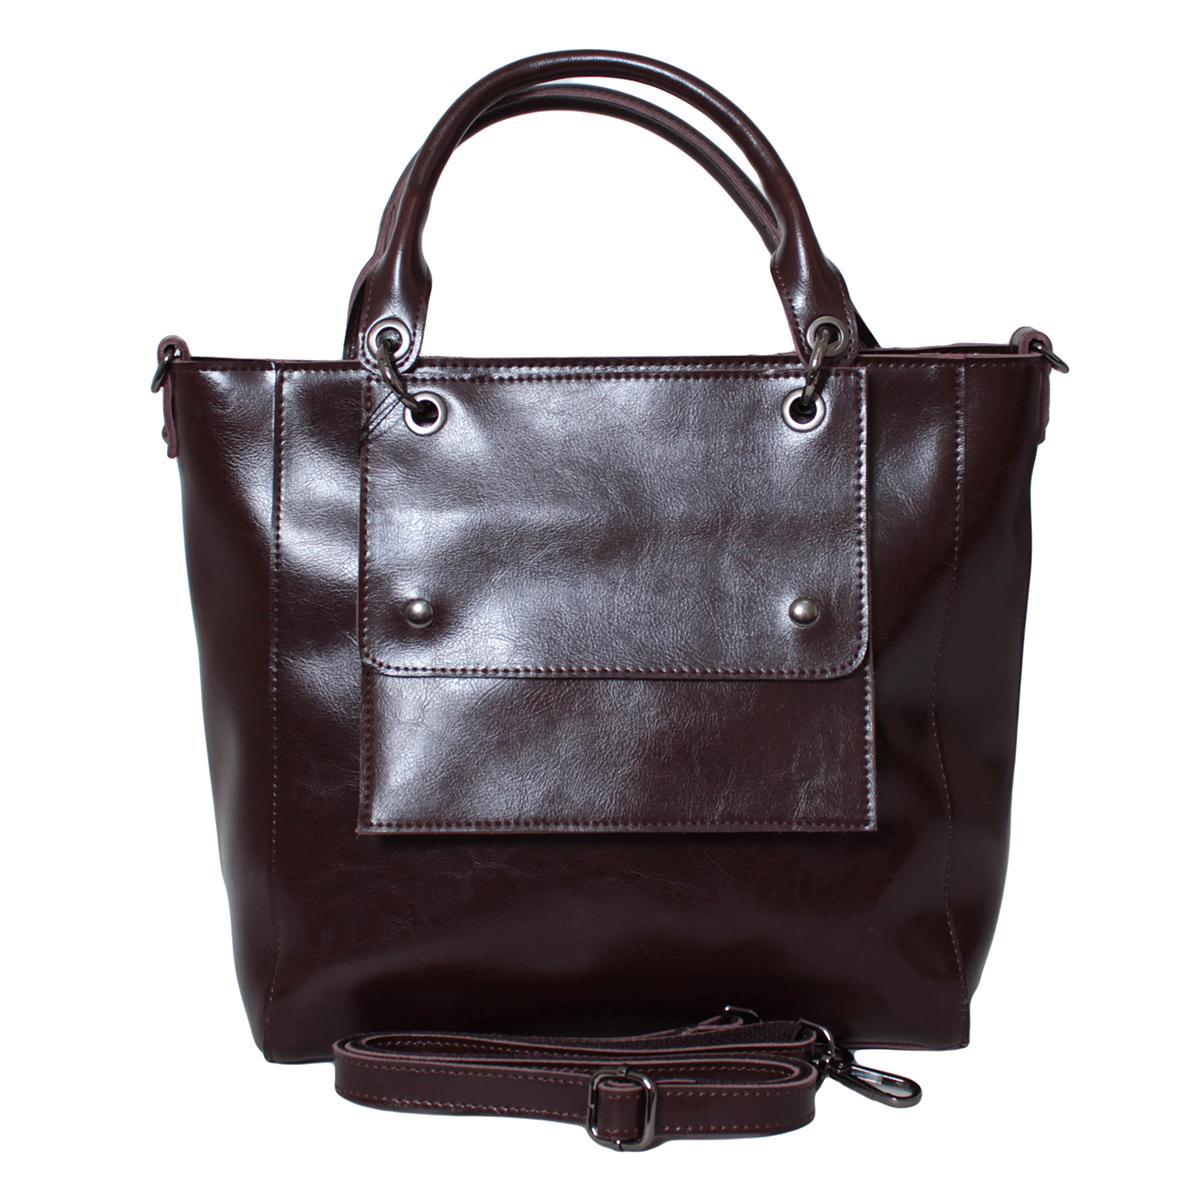 Сумка женская Flioraj, цвет: коричневый. 0005301100053011Закрывается на молнию. Внутри два отделения, два кармана на молнии, два для мобильного телефона. В комплекте длинный ремень и сумочка для документов. Высота ручек 15 см.